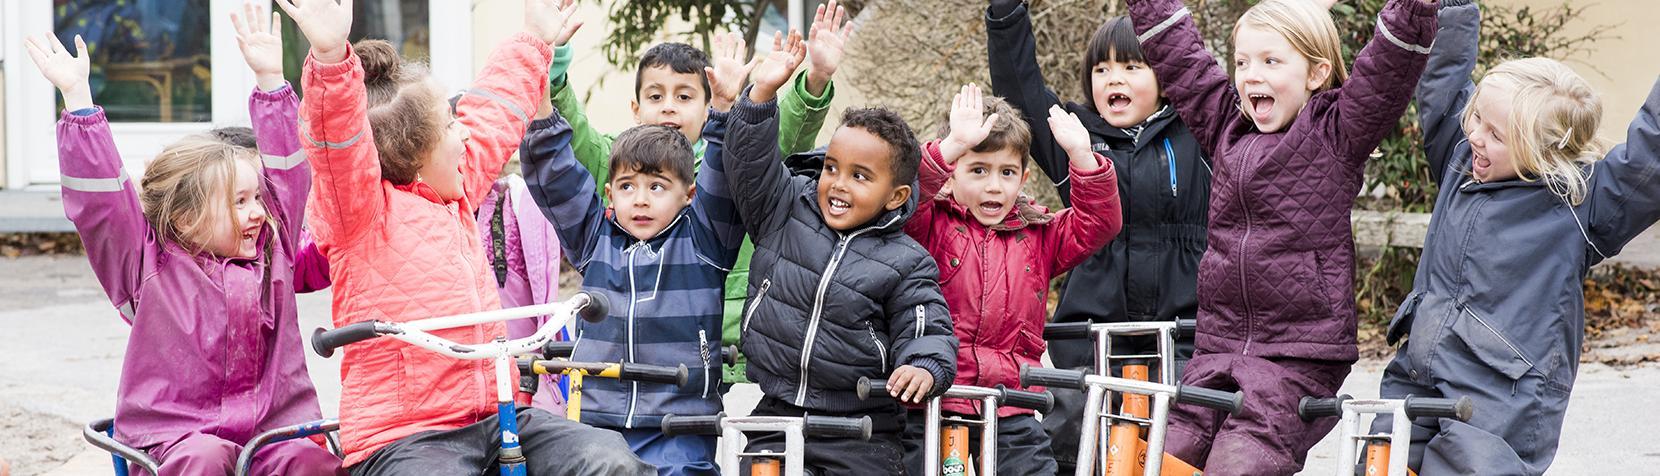 Børn på løbecykler